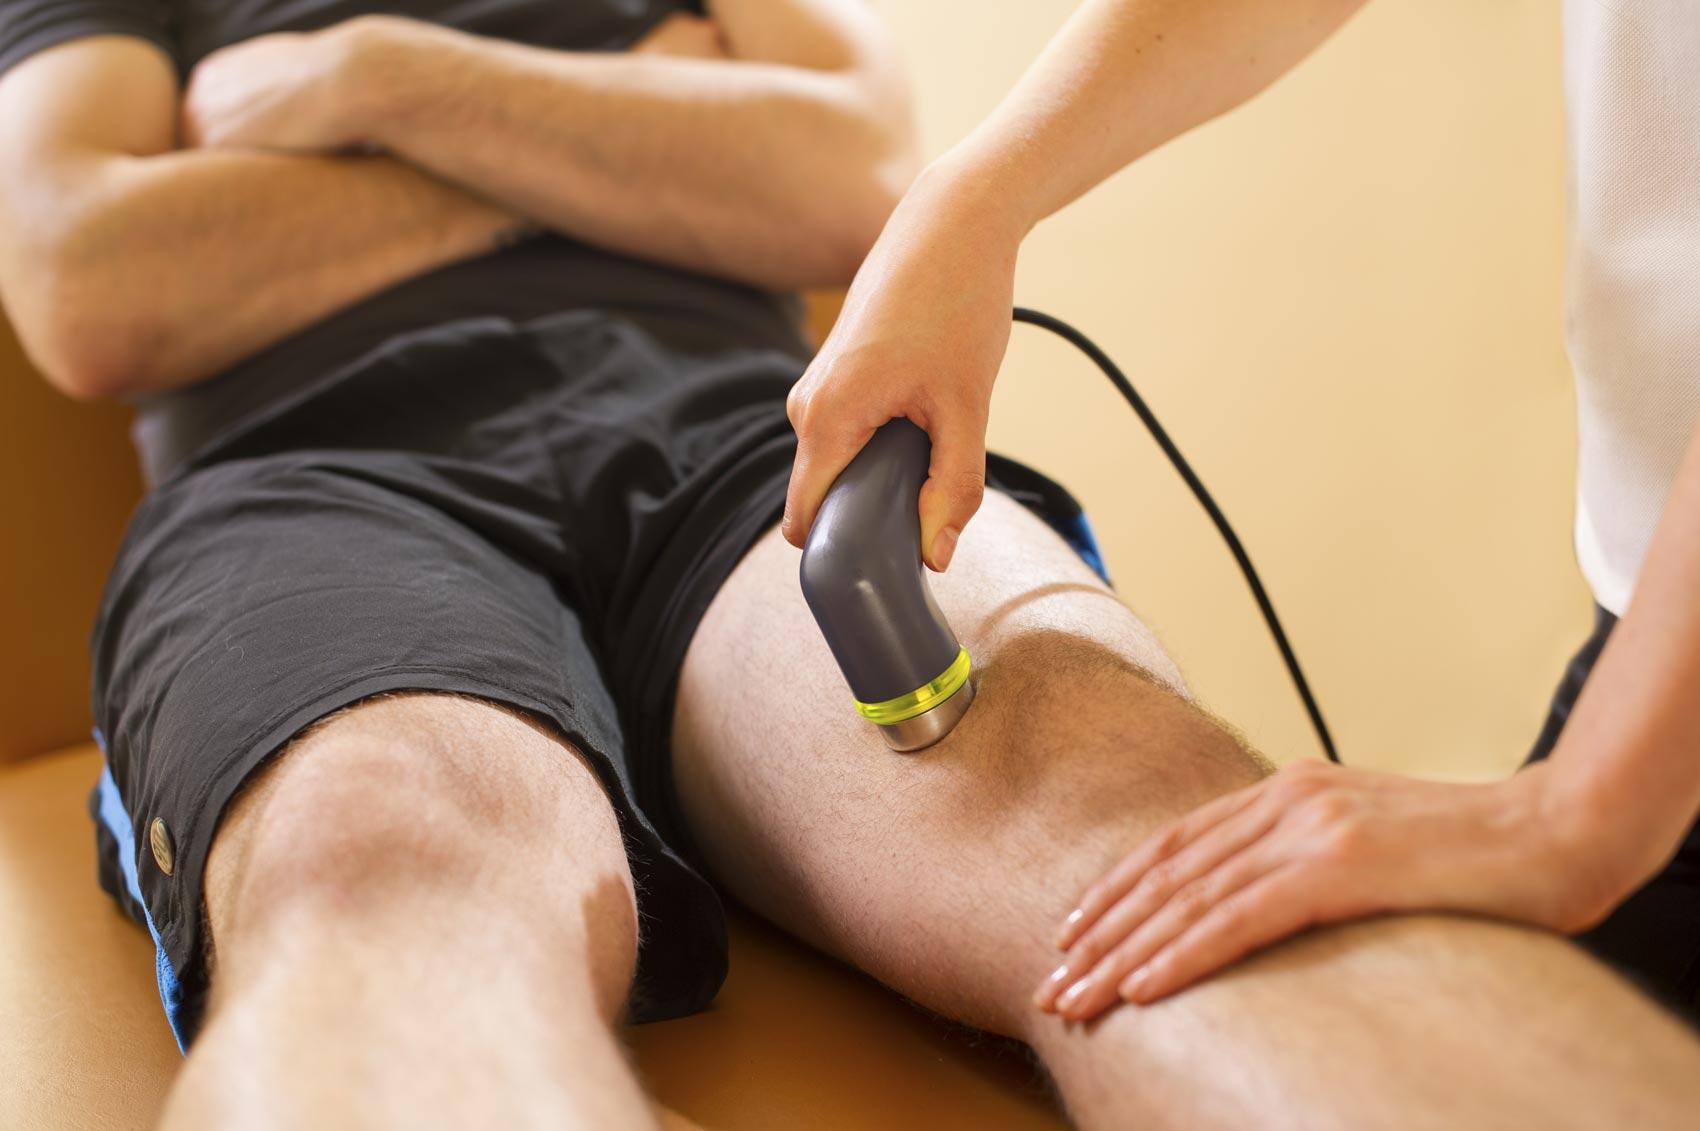 Физиолечение коленного сустава магнитом в домашних условиях